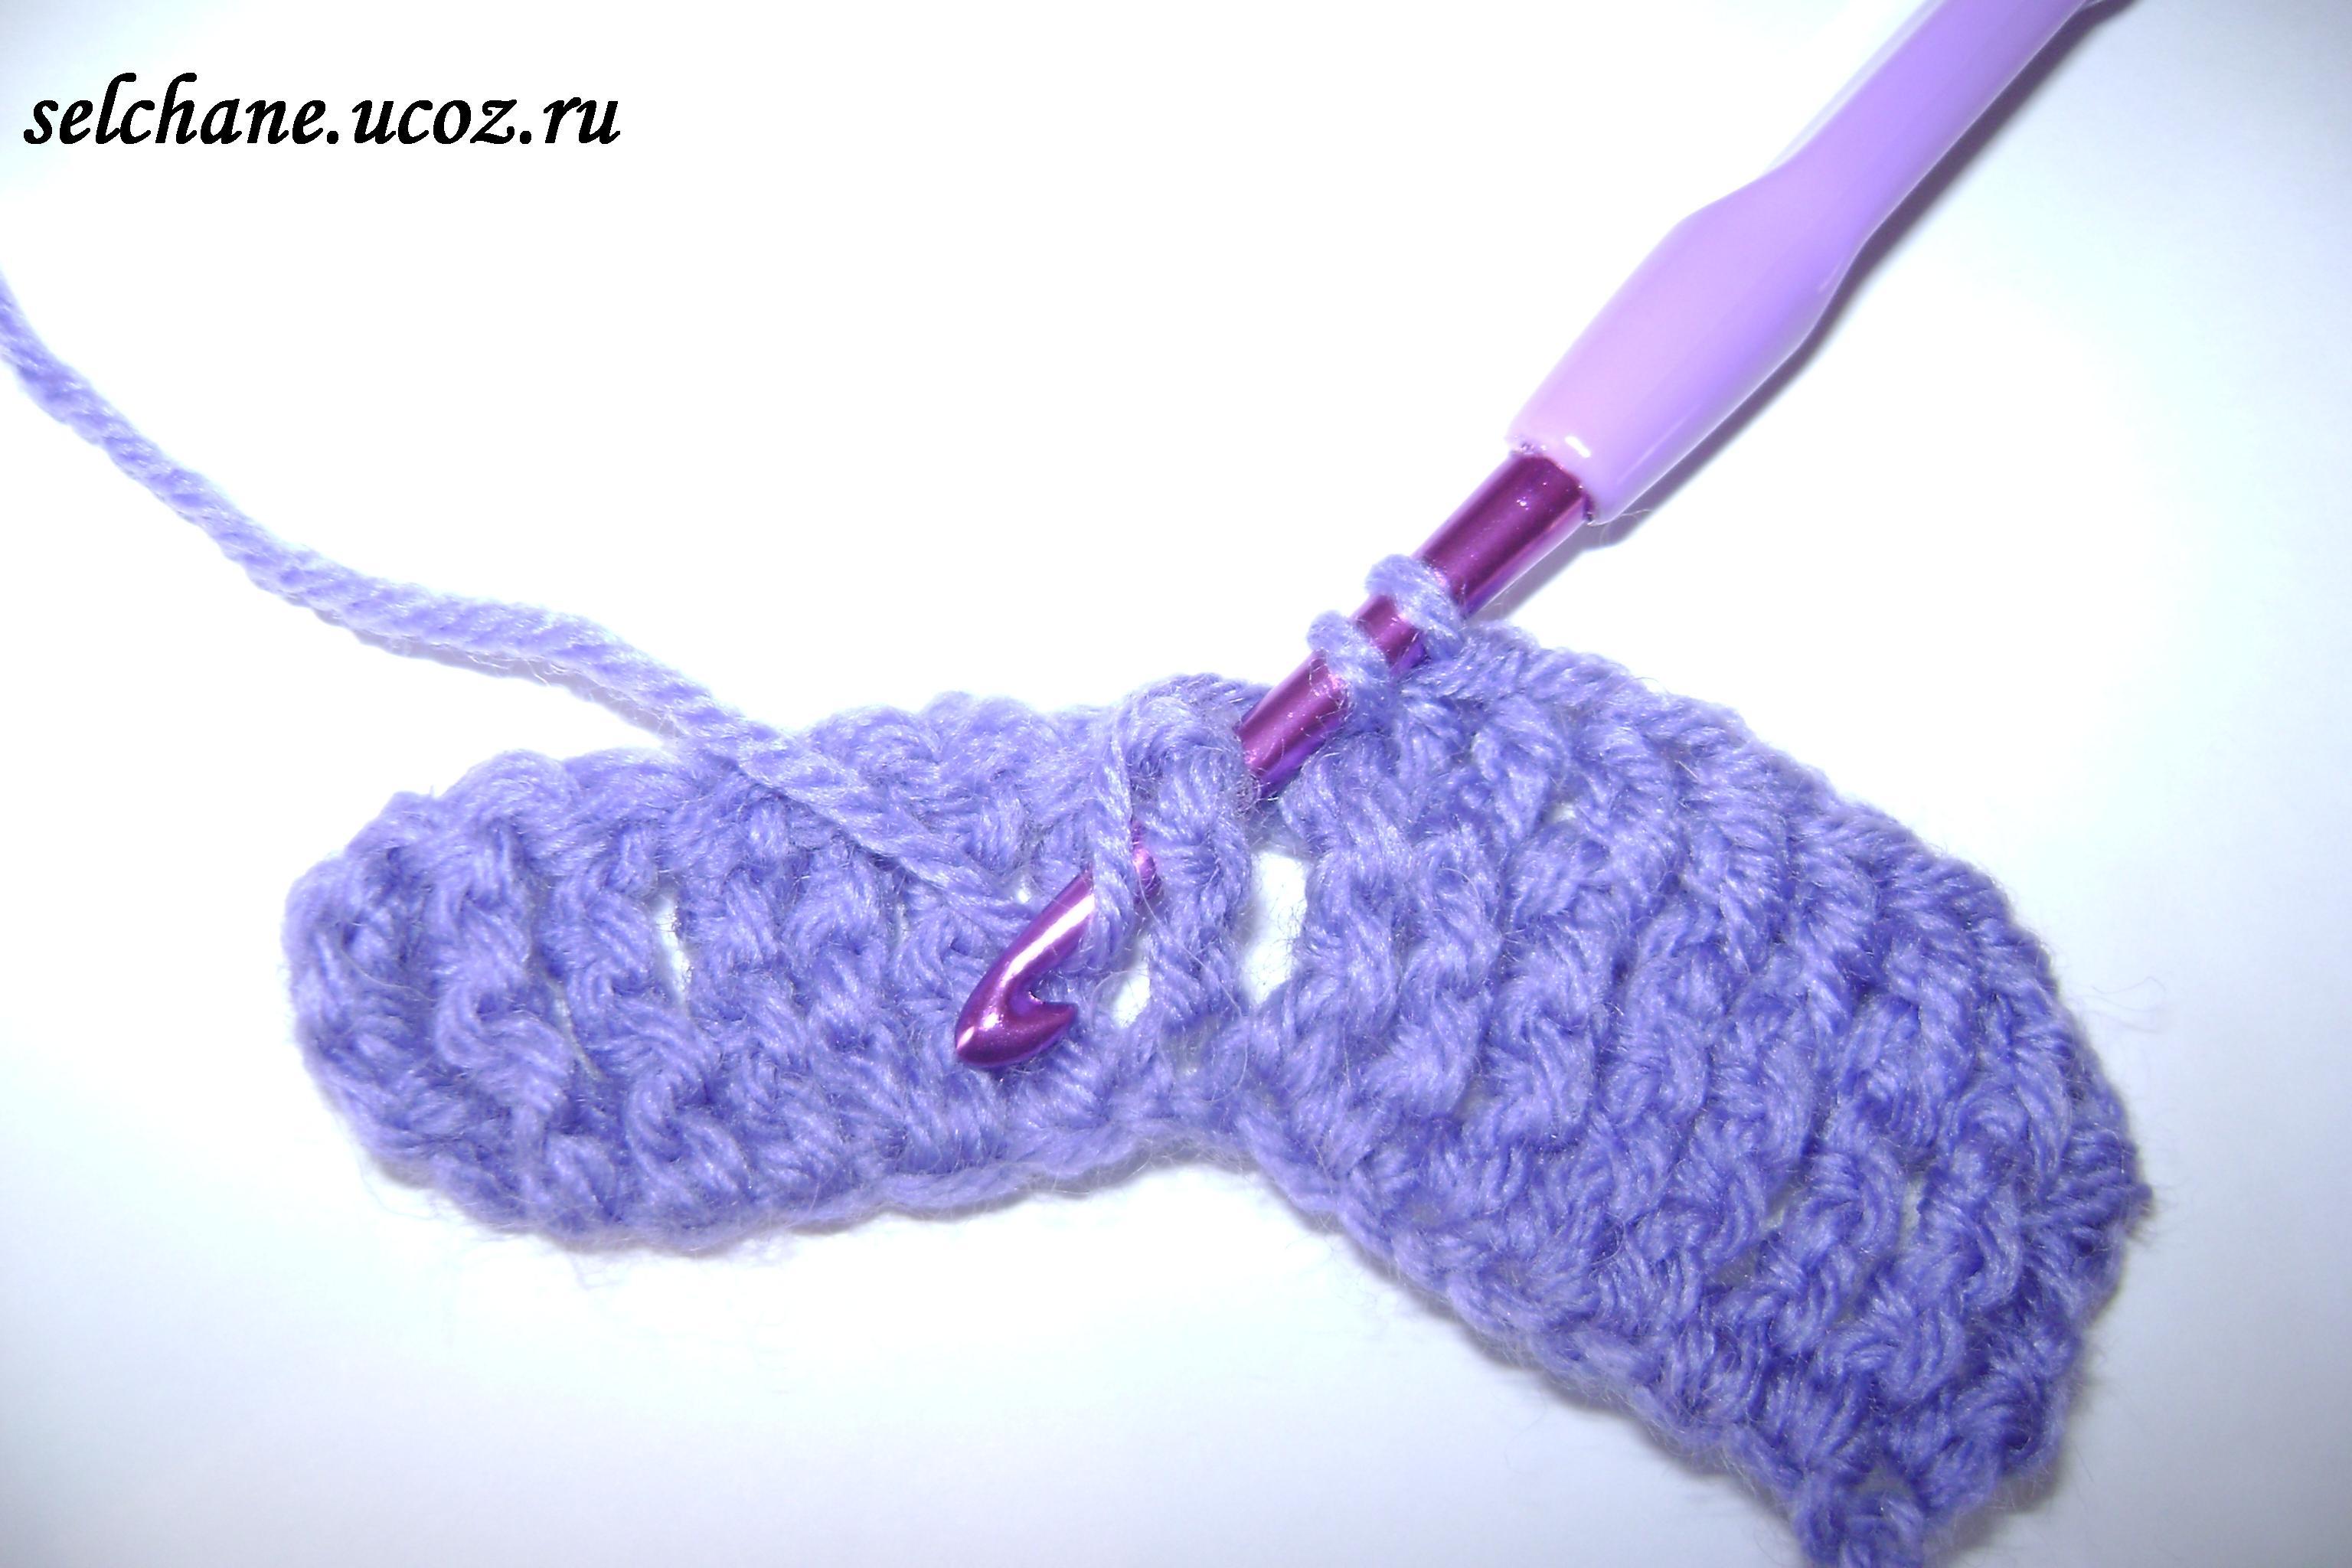 Как вязать крючком круг столбиками с накидом - Уроки вязания